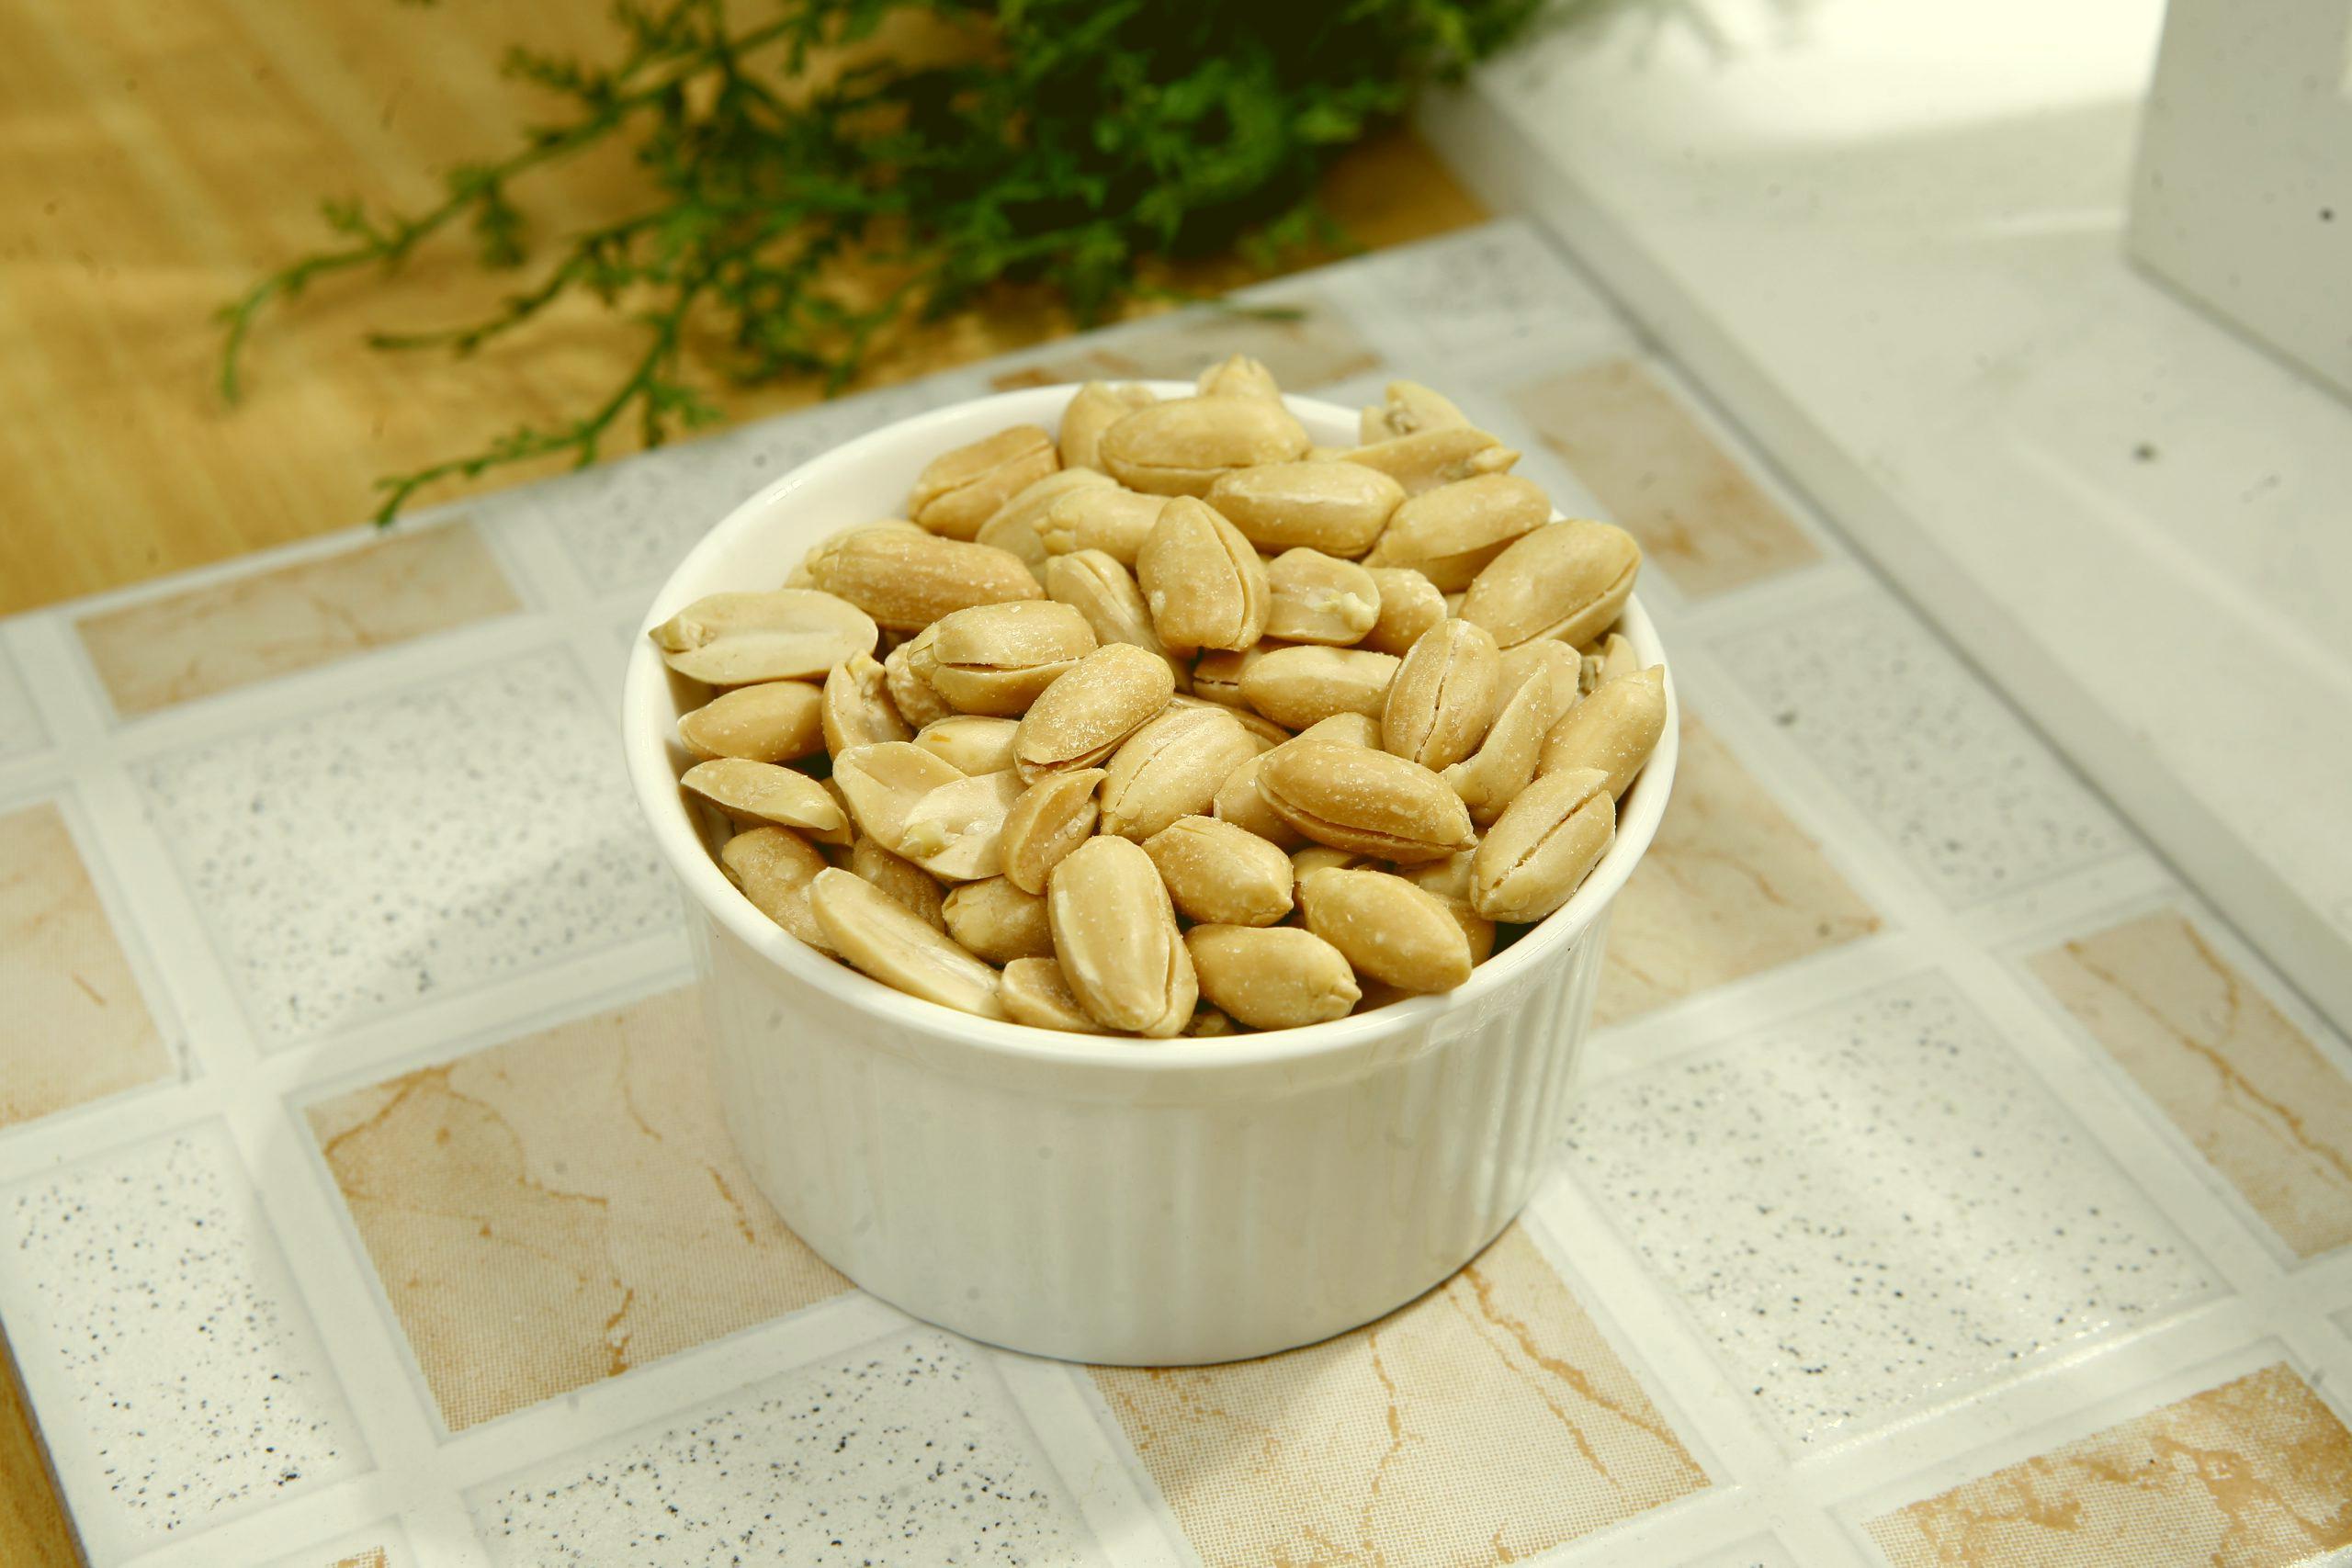 l'allergie à l'arachide et son traitement